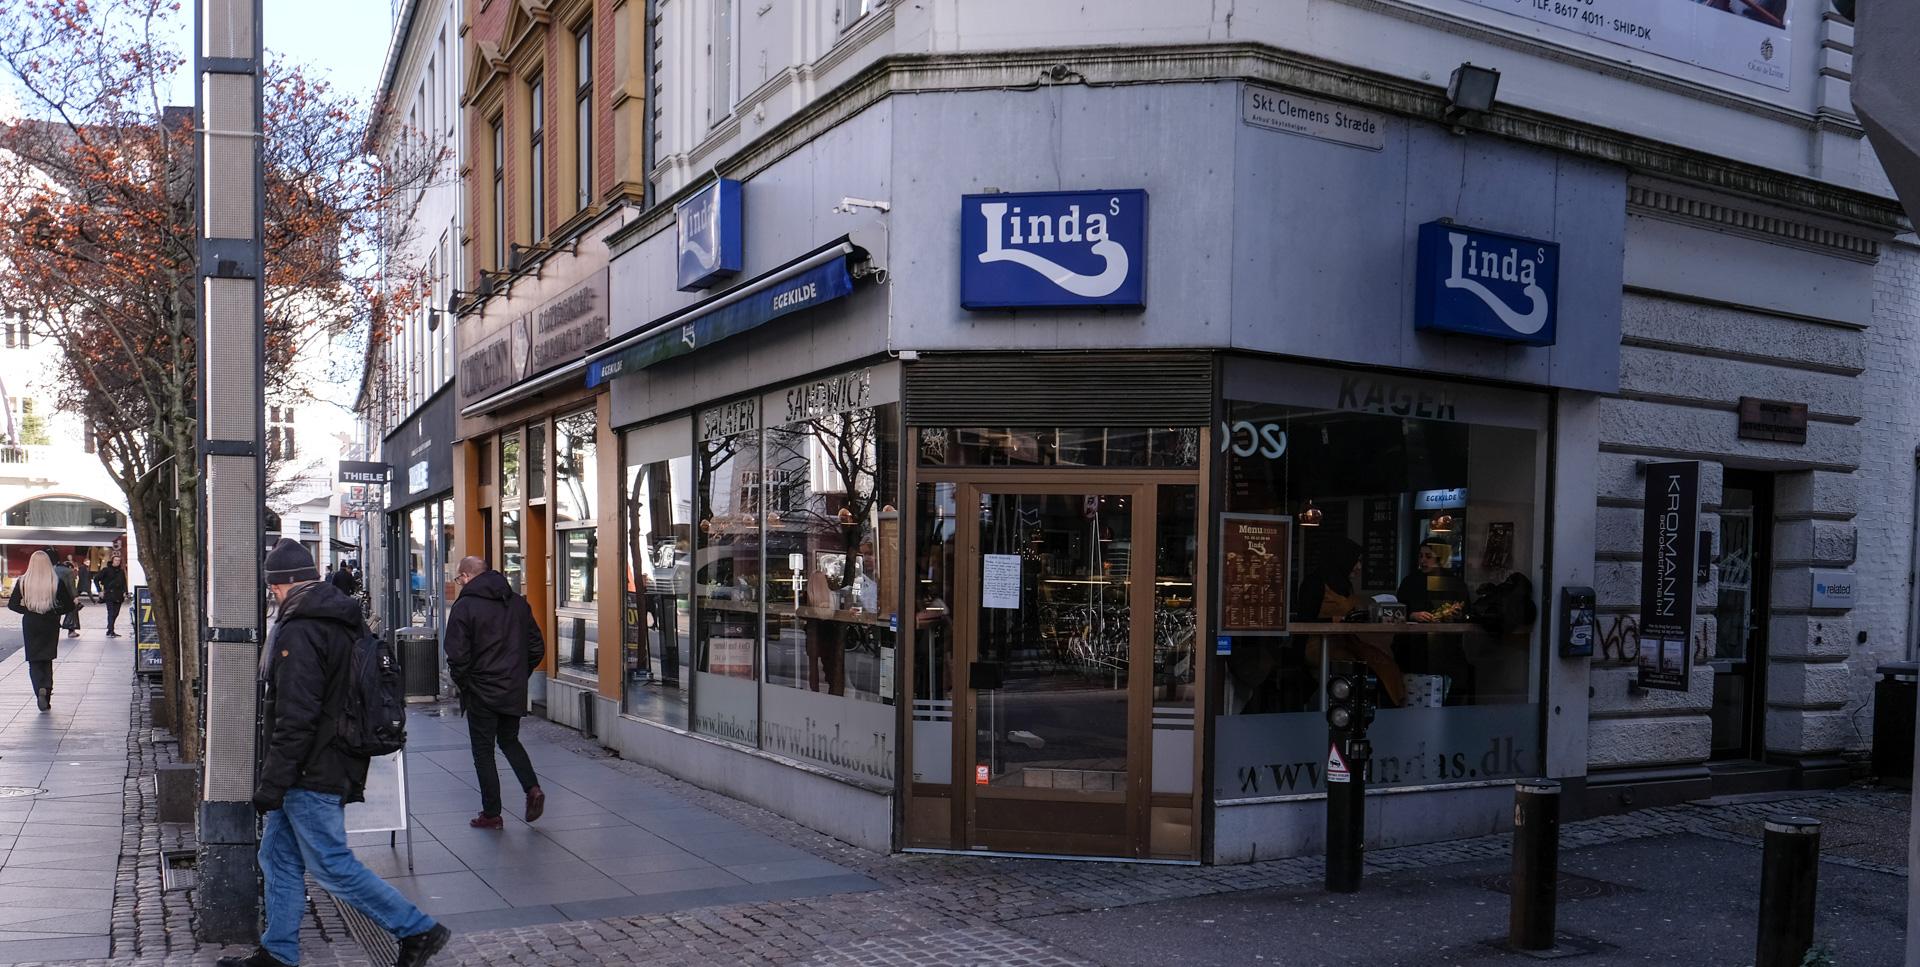 En institution åbner i Aarhus C: Hos Bilal laver ny forretning i de gamle Lindas lokaler